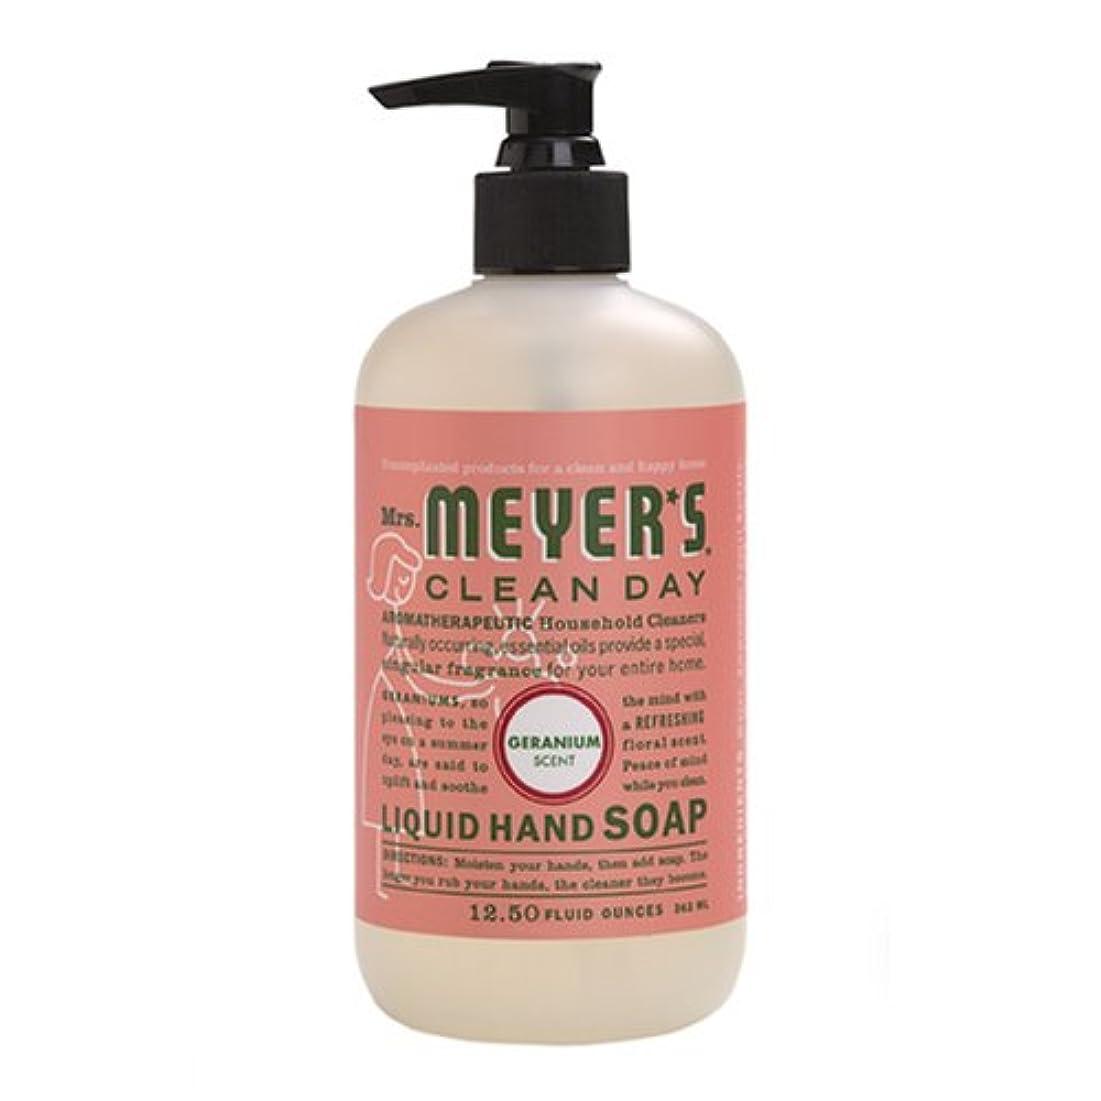 アプト火山なだめるMrs. Meyers Clean Day, Liquid Hand Soap, Geranium Scent, 12.5 fl oz (370 ml)